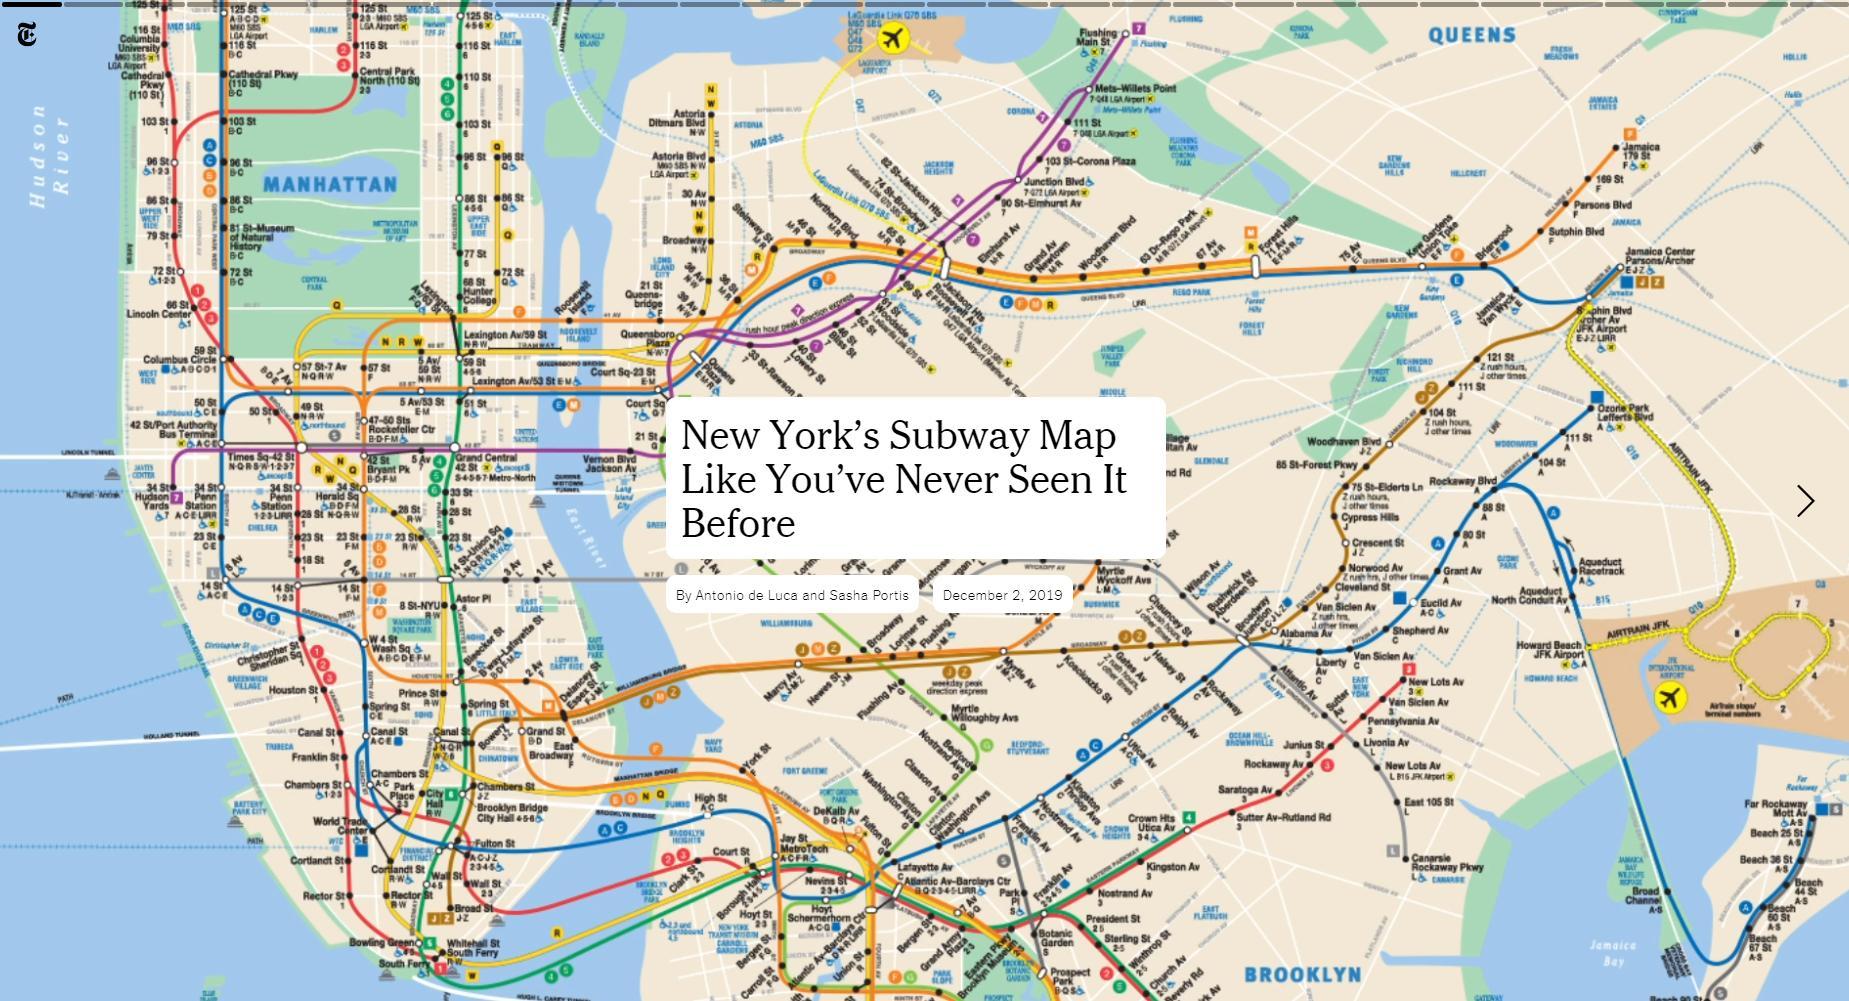 По линиям нью-йоркской подземки можно «проехаться» онлайн